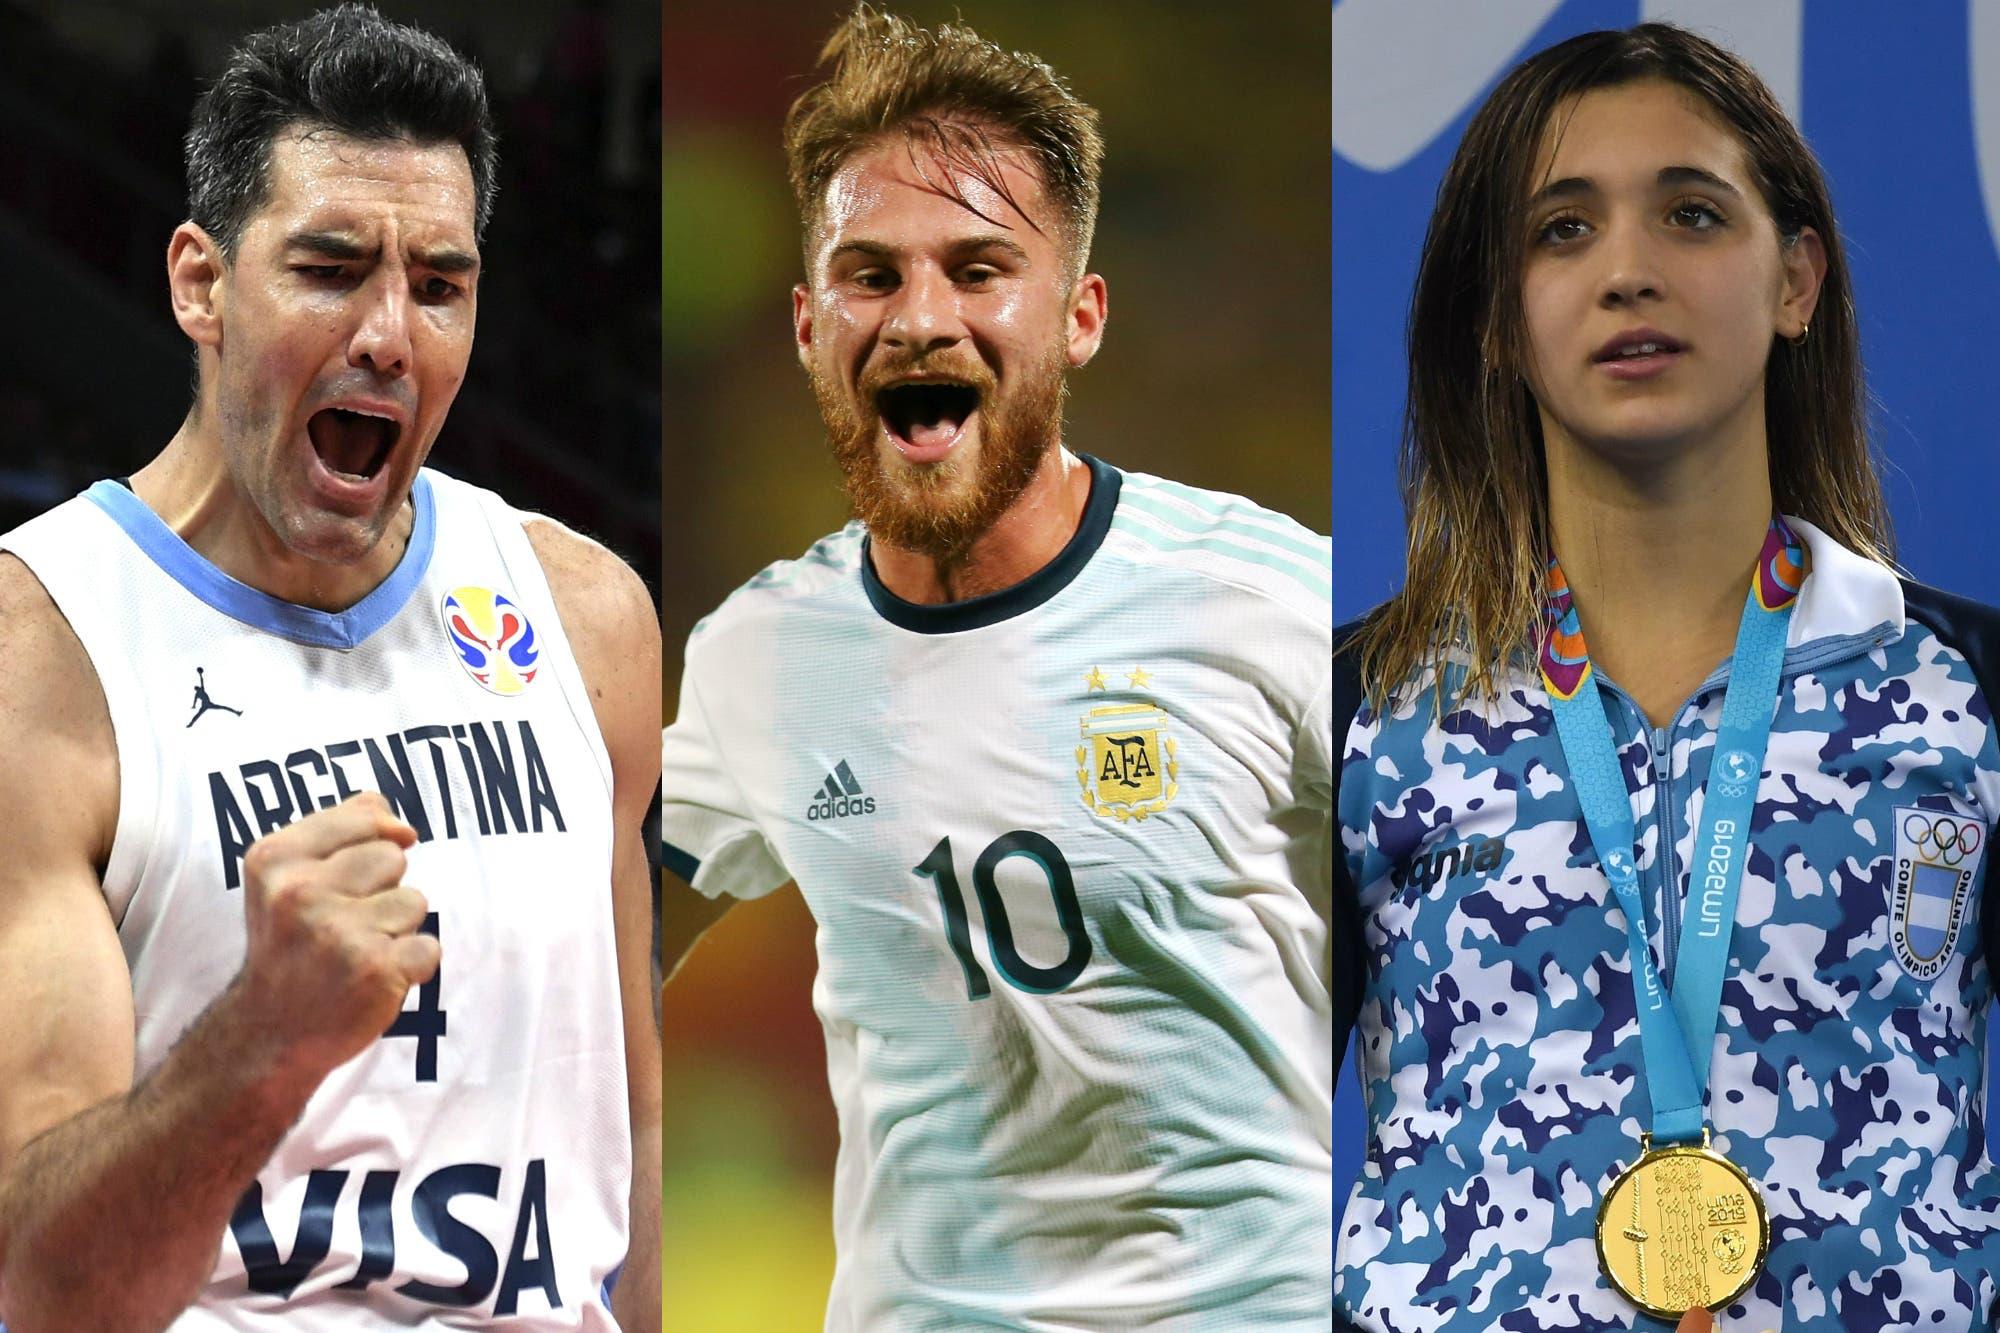 Juegos Olímpicos: quiénes son los atletas argentinos que ya están clasificados para Tokio 2020